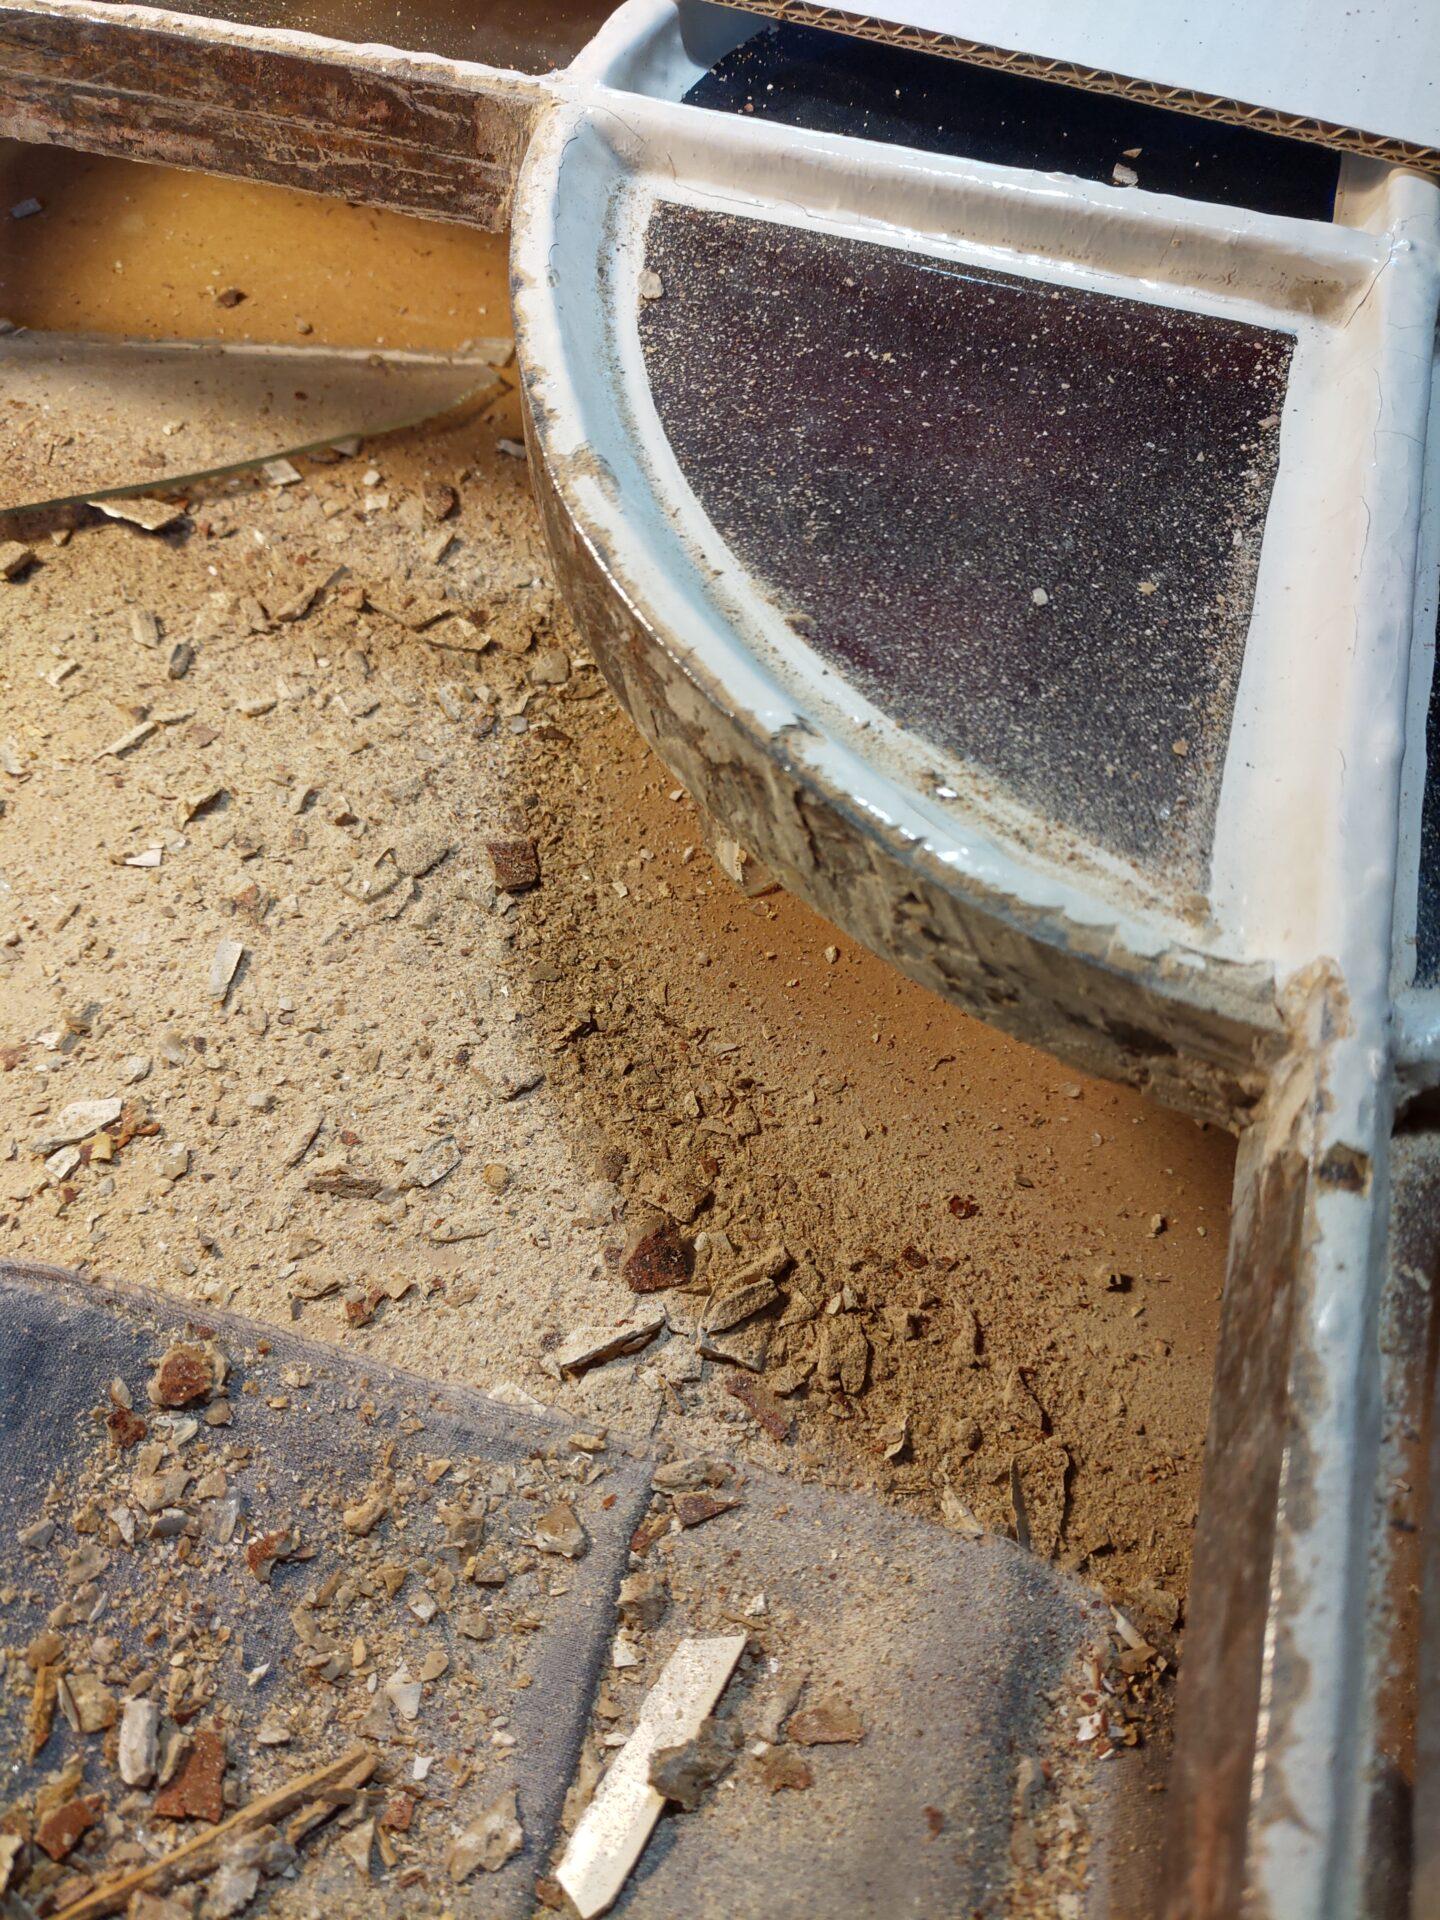 Atelier Illumen Herstelling van beschadigde glasramen